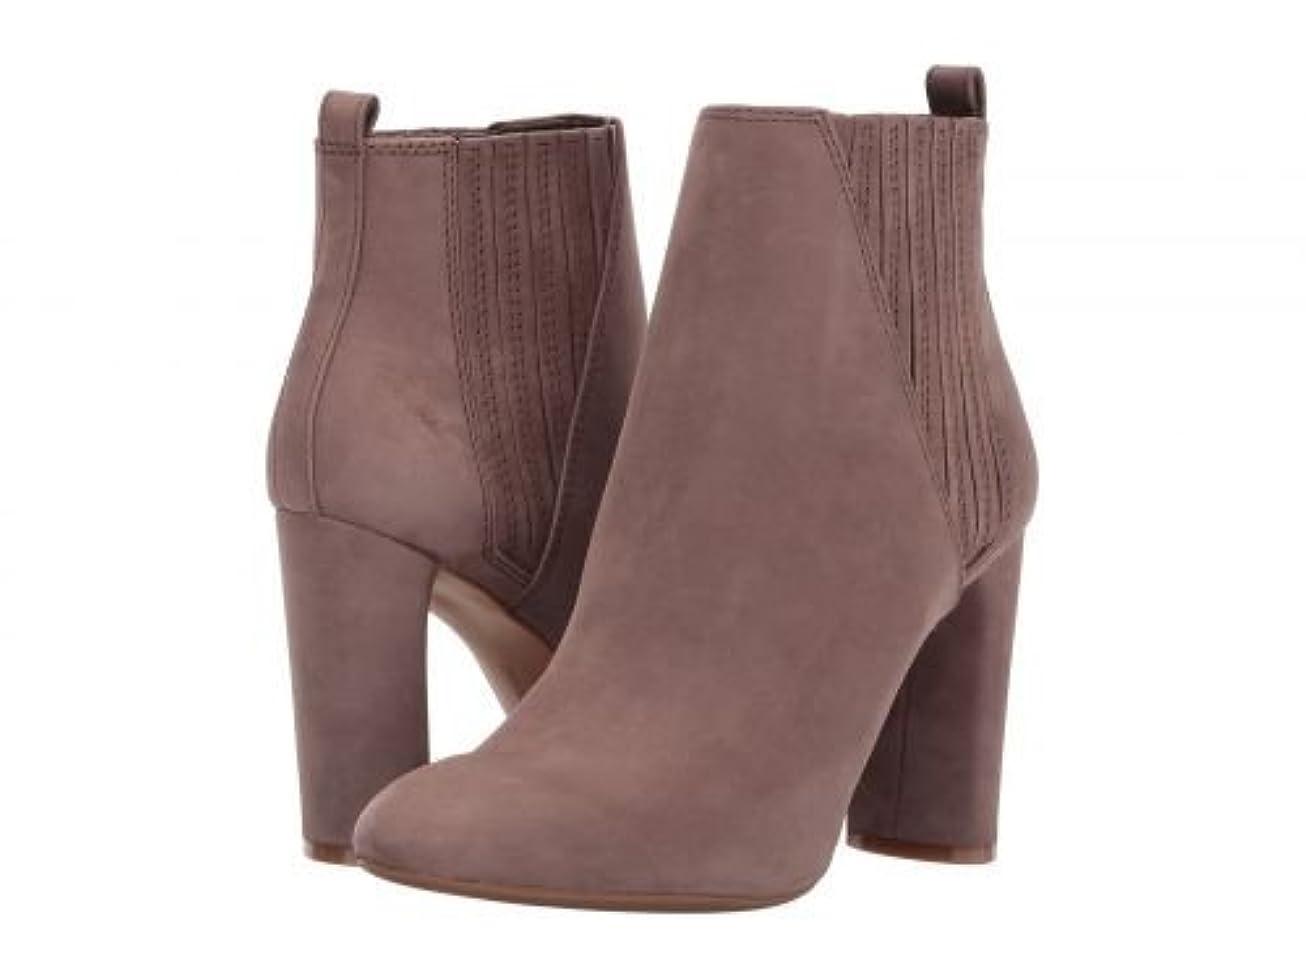 テープあいまいな血色の良いVince Camuto(ヴィンスカムート) レディース 女性用 シューズ 靴 ブーツ チェルシーブーツ アンクル Fateen - Seneca Rock 10 M [並行輸入品]